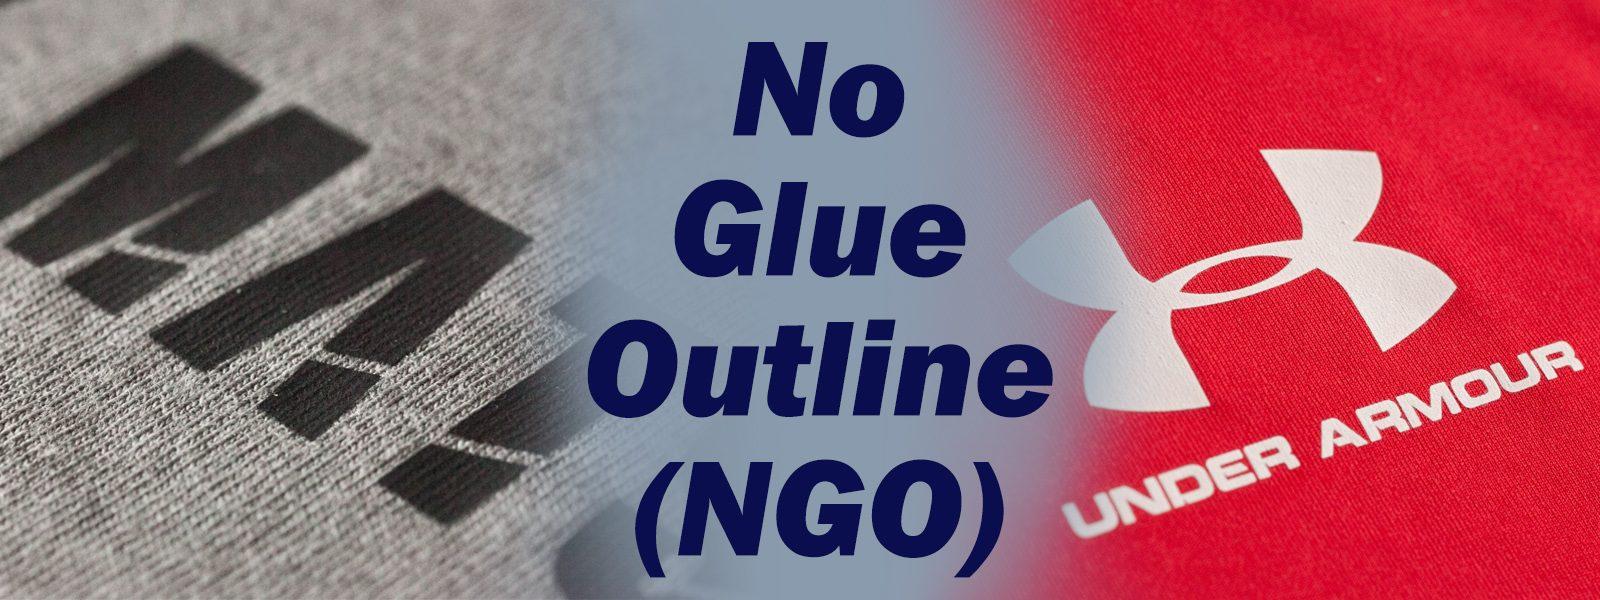 no-outline-glue